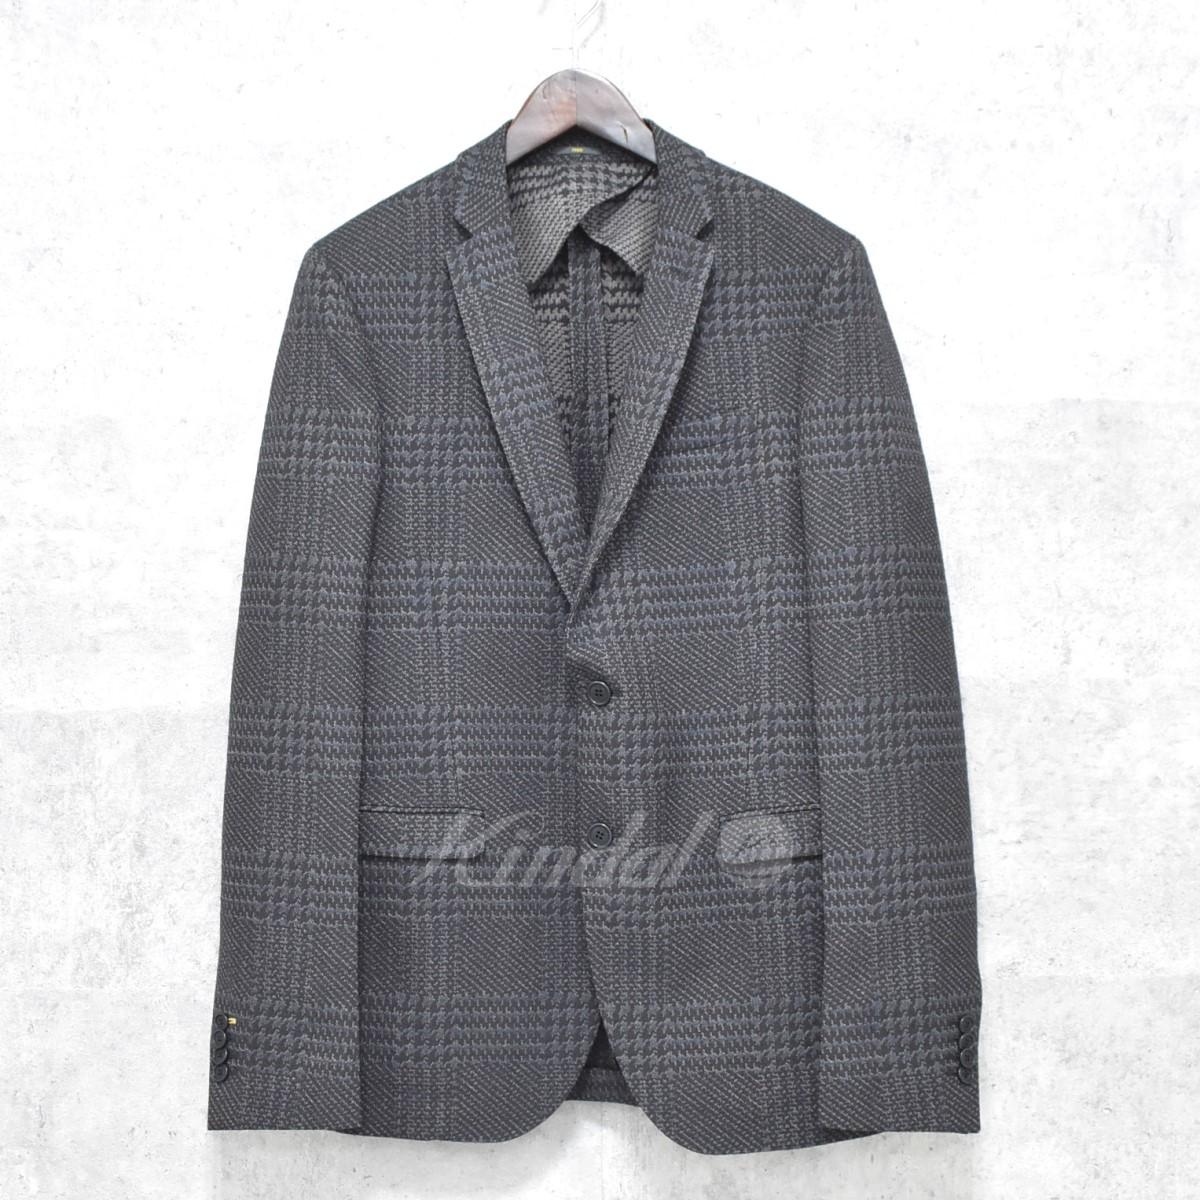 【中古】FENDI 2Bテーラードジャケット ブラック×ネイビー サイズ:50 【送料無料】 【141018】(フェンディ)